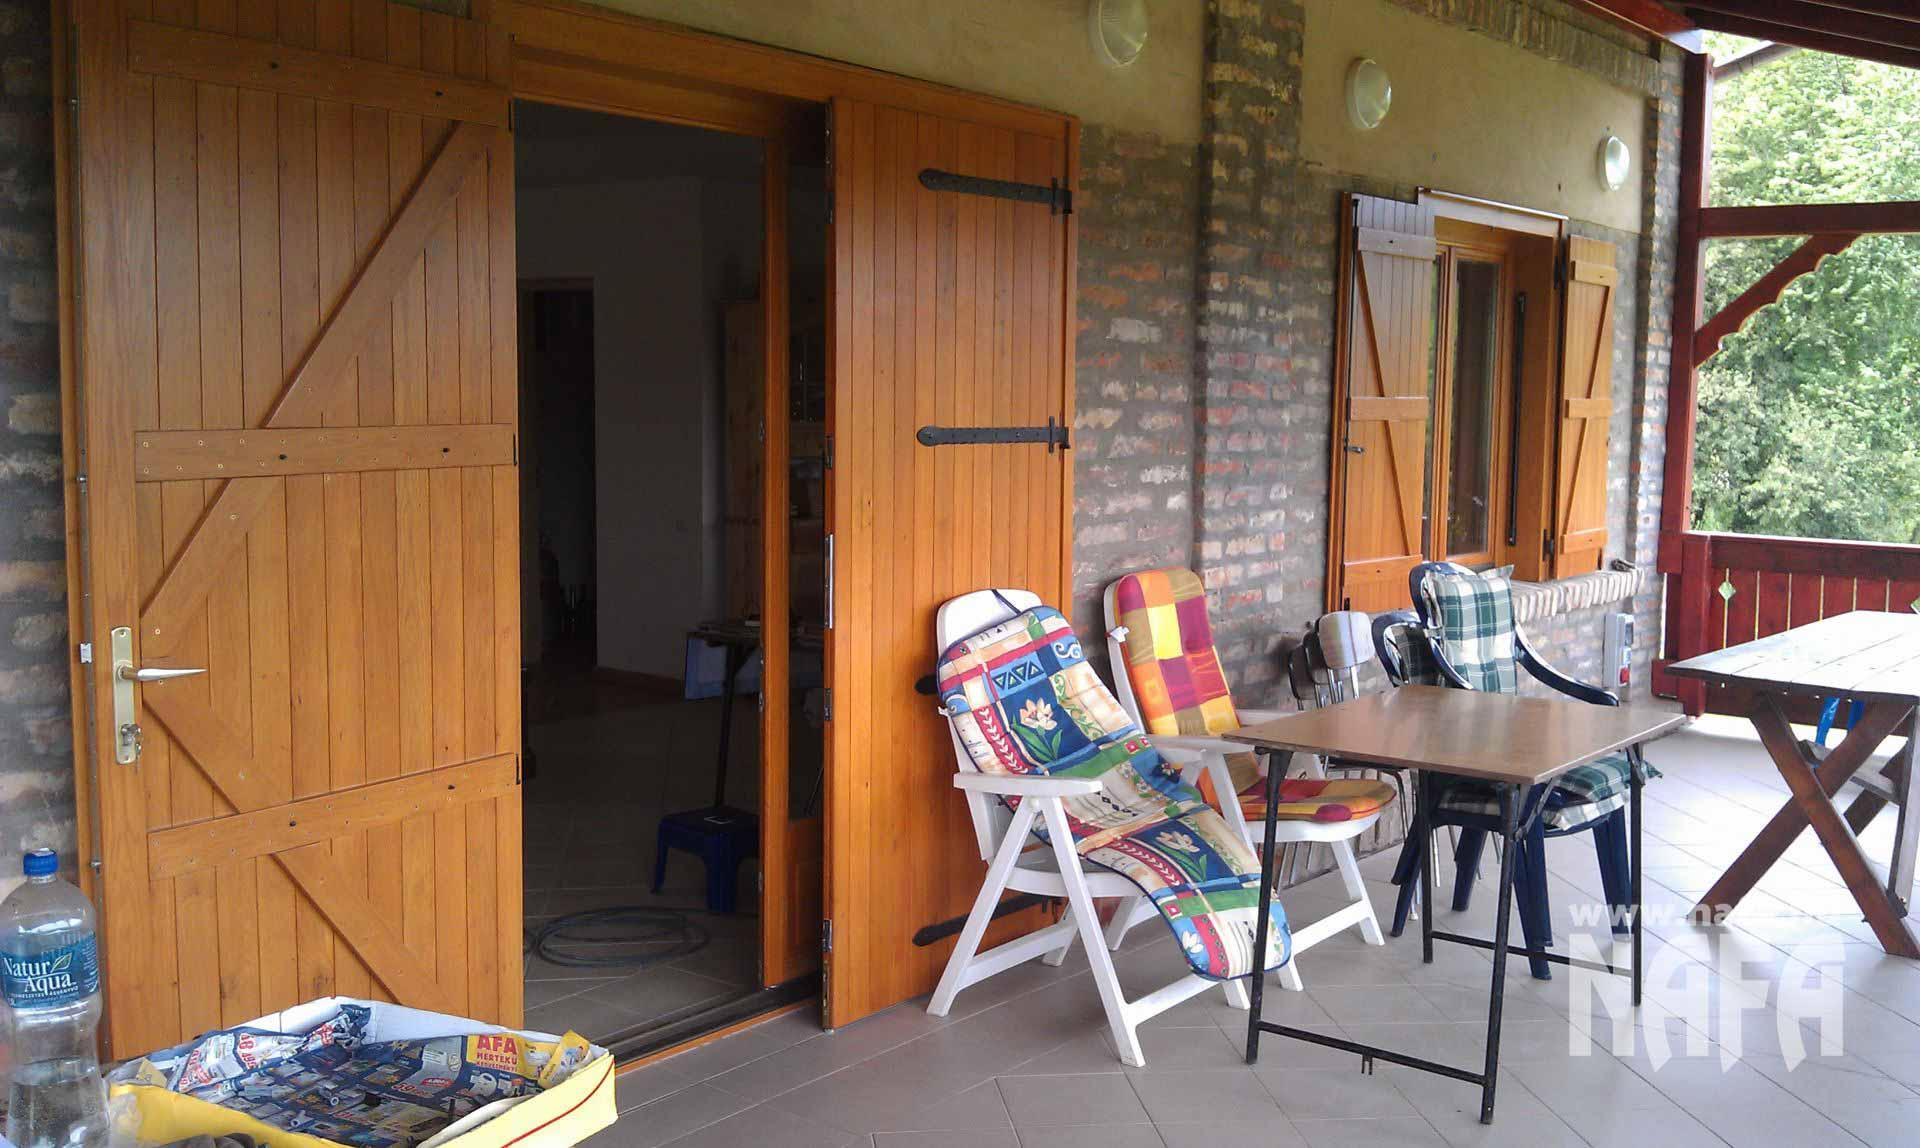 Spaletta ajtó egyedi festett, Kaposvár Nyaraló